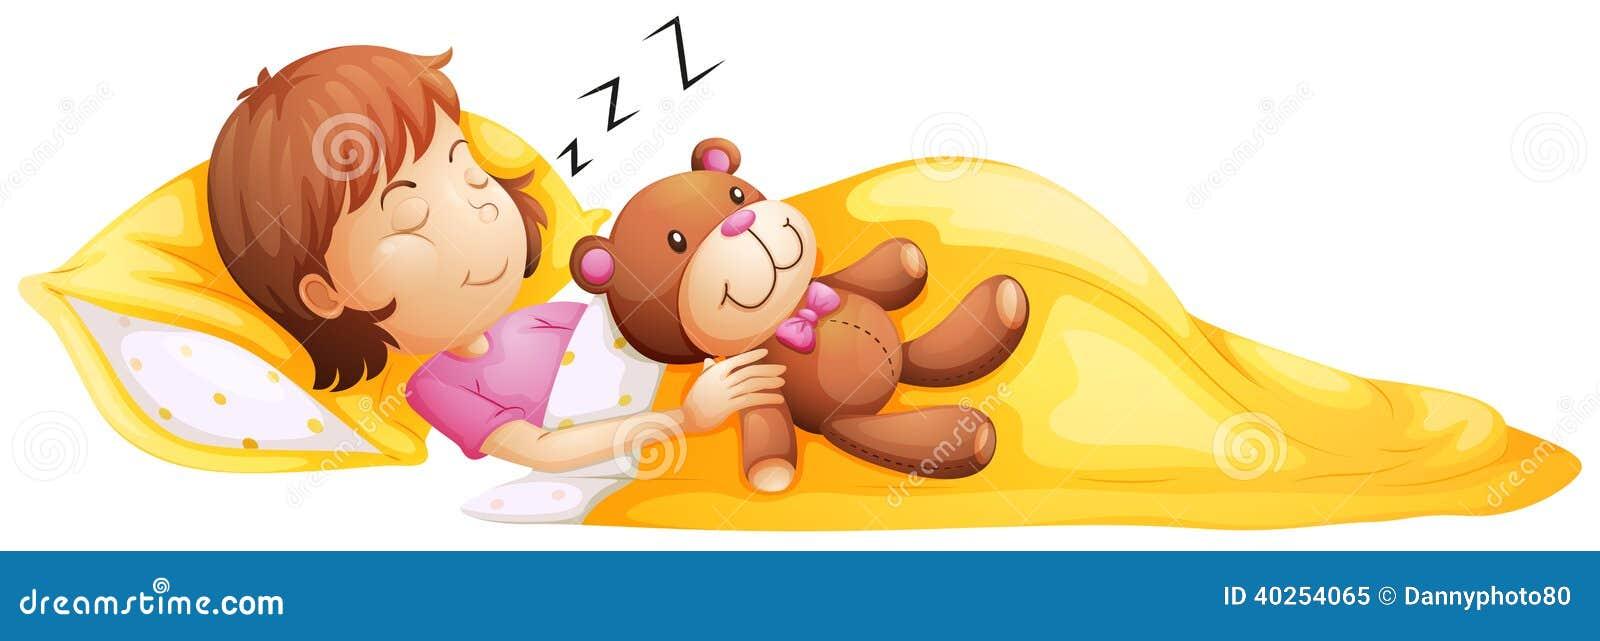 Une jeune fille dormant avec son jouet